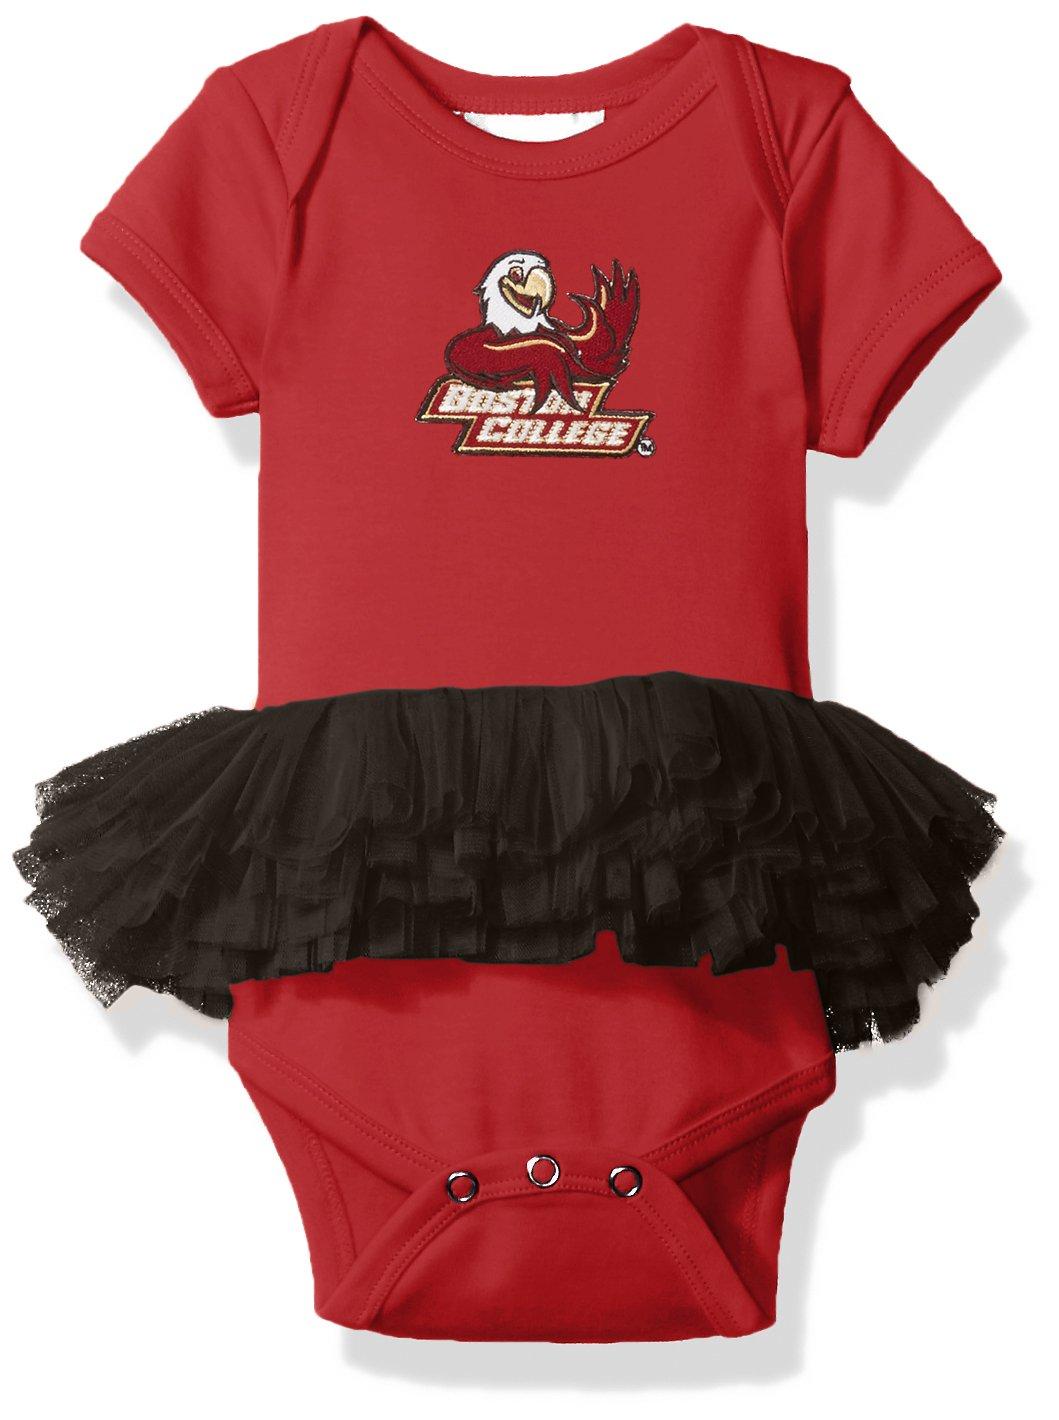 超安い 幼児用ロンパース NCAA New New チュチュ付き Eagles B01N0Q2CWJ ブラック/ブラック New Born New Born|ブラック/ブラック|Boston College Eagles, ヒダシ:1e185952 --- svecha37.ru